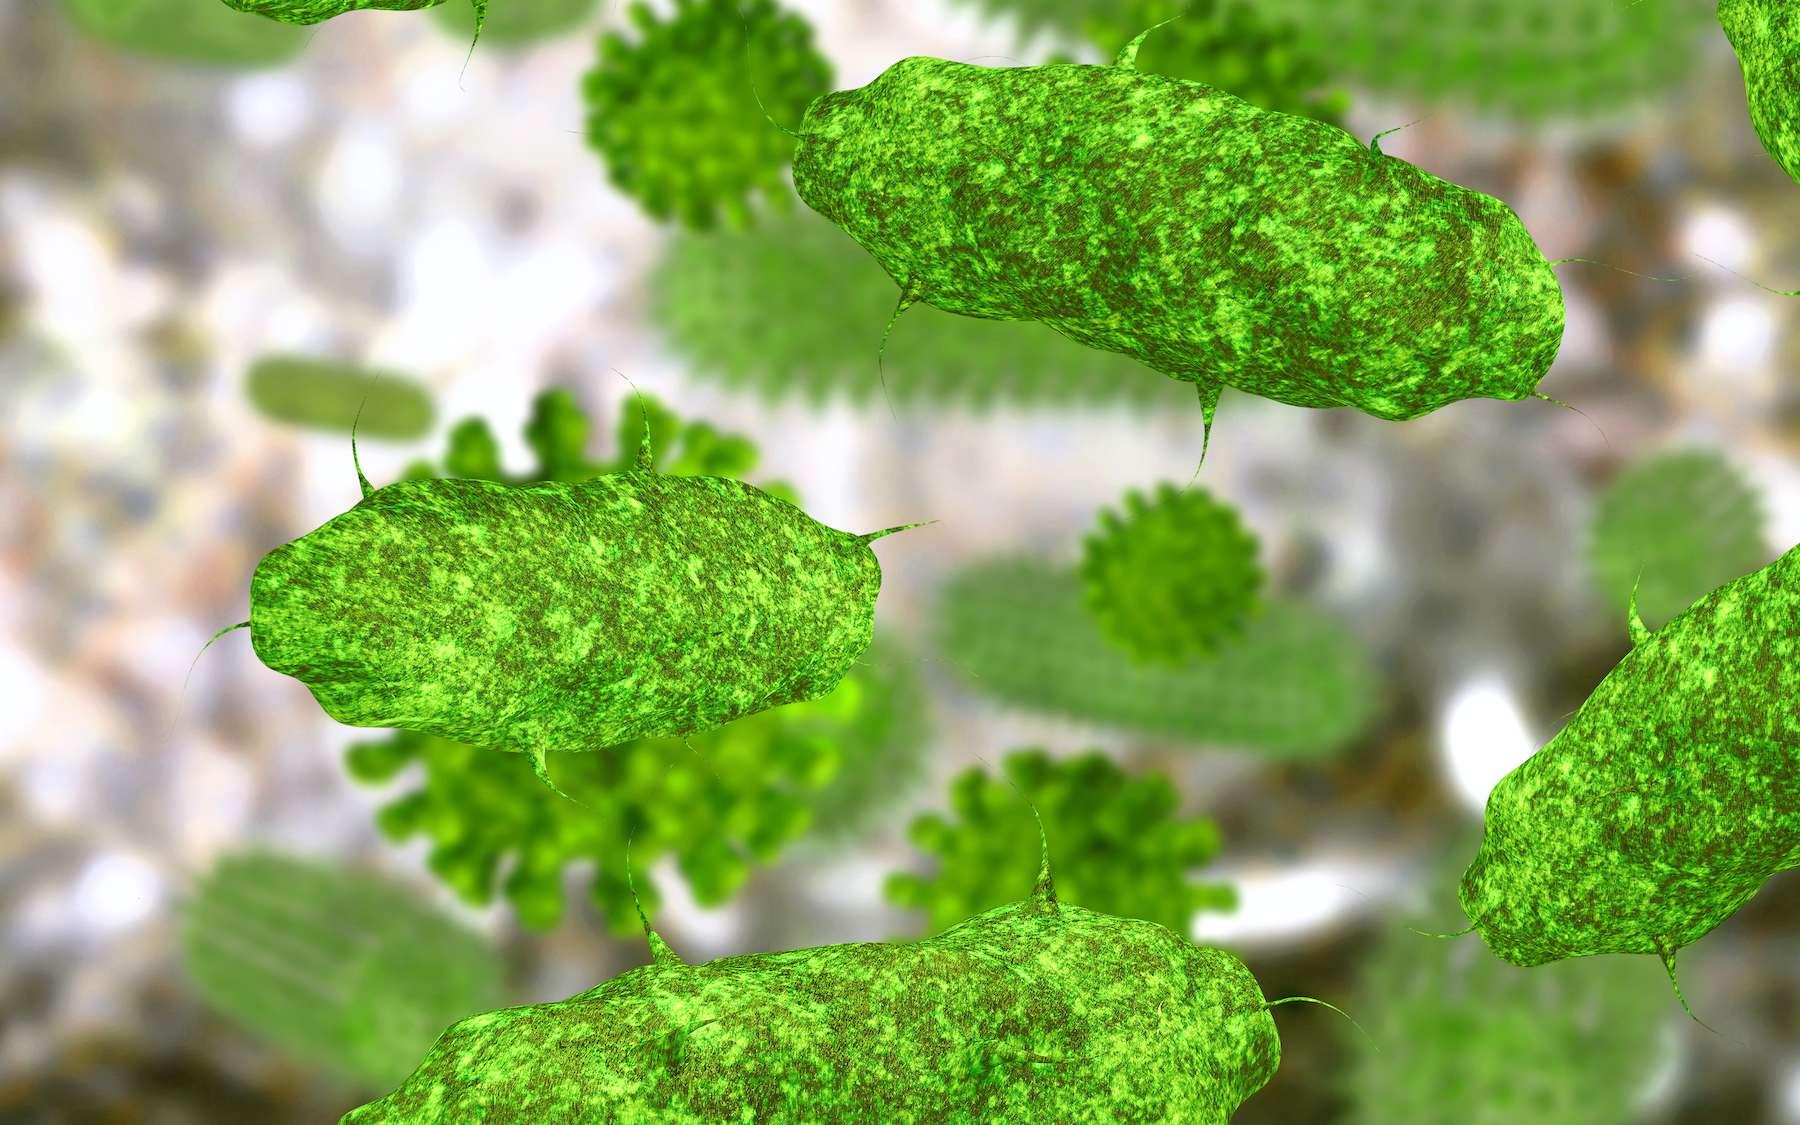 Des bactéries ont été ranimées après avoir passé 100 millions d'années dans des sédiments marins quasiment sans énergie ni oxygène. © fotoliaxrender, Adobe Stock